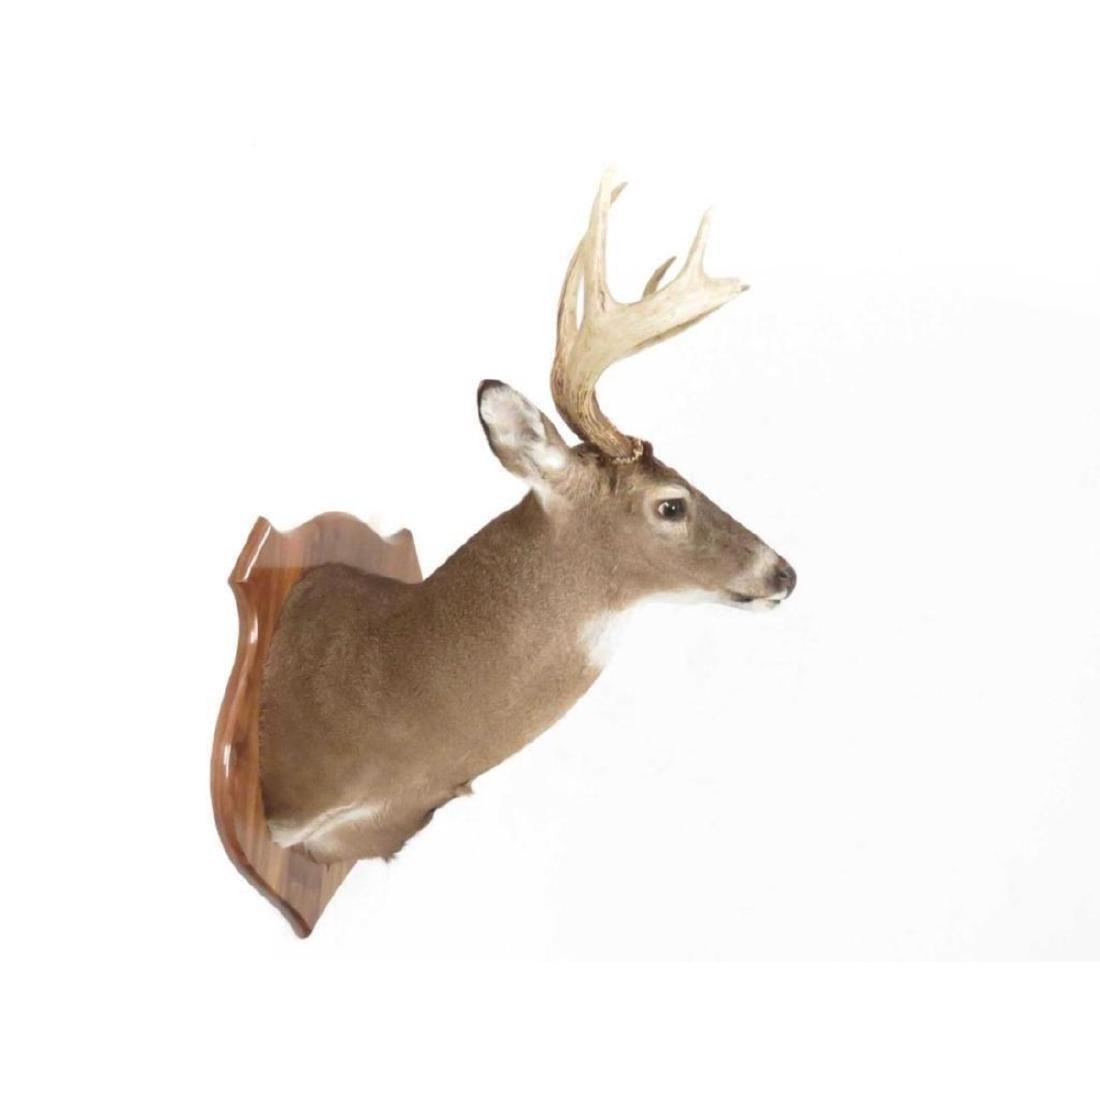 Common Red Buck Deer Shoulder Trophy Mount (8 Pt). - 2